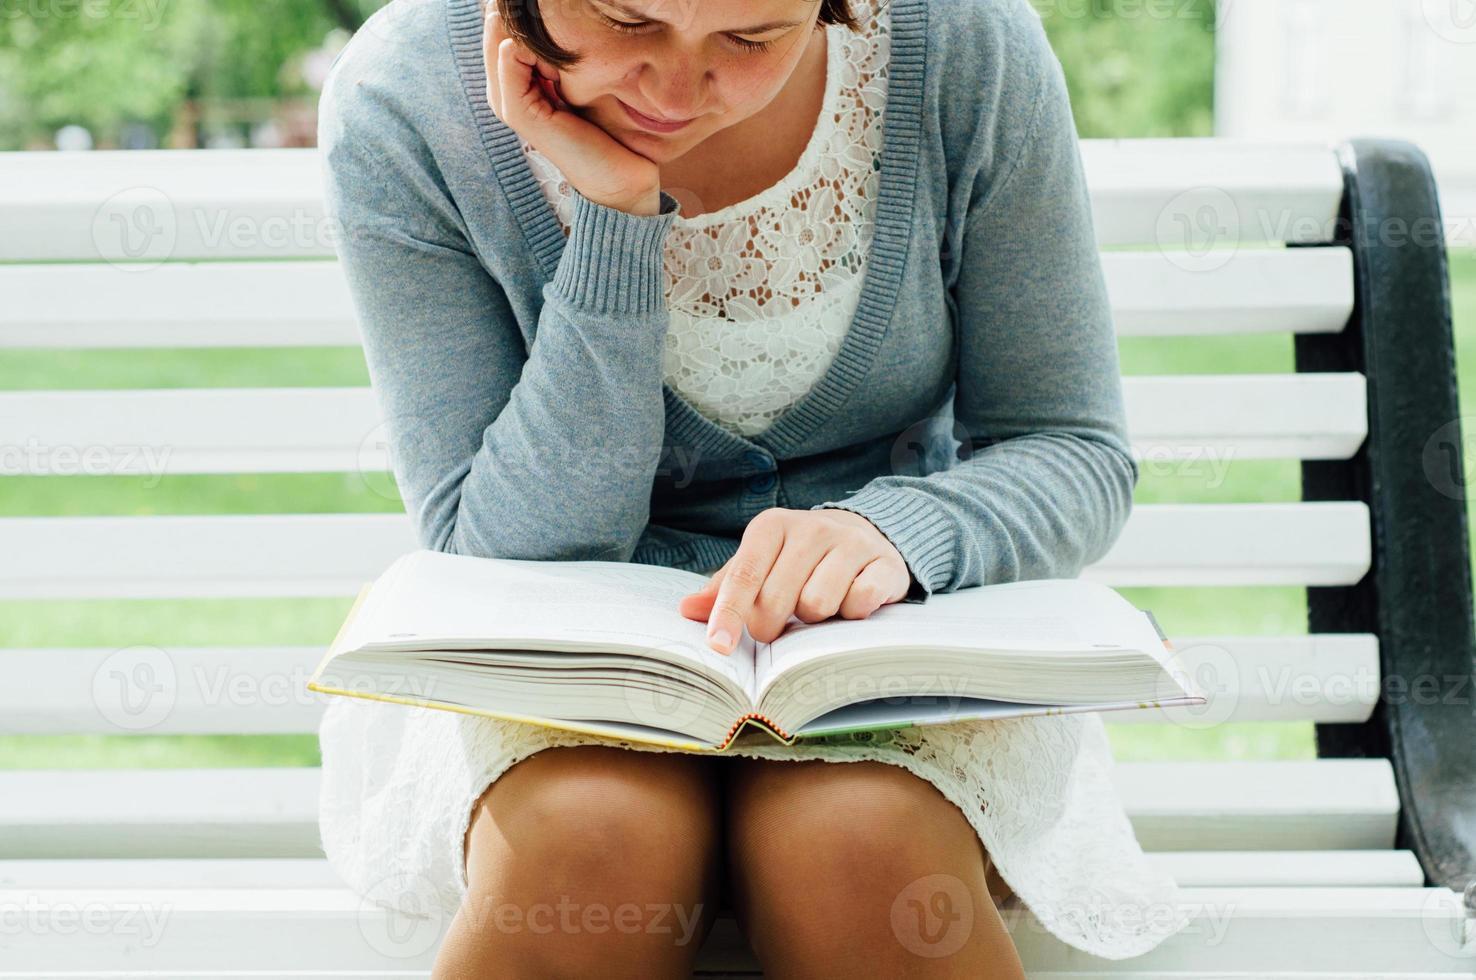 jovem lê em um banco no parque foto